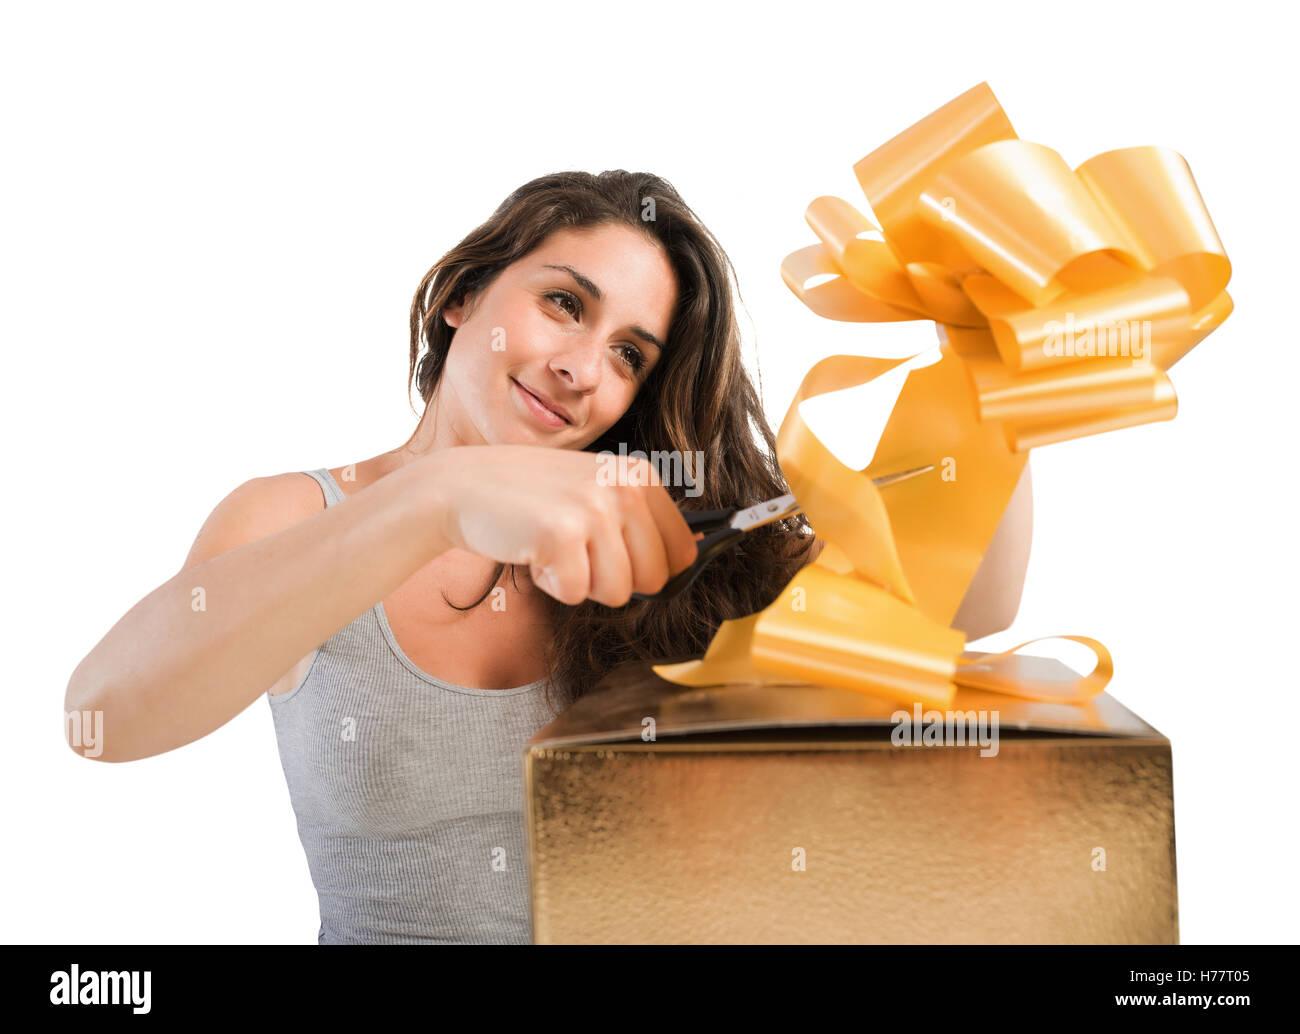 Prepare xmas gifts - Stock Image